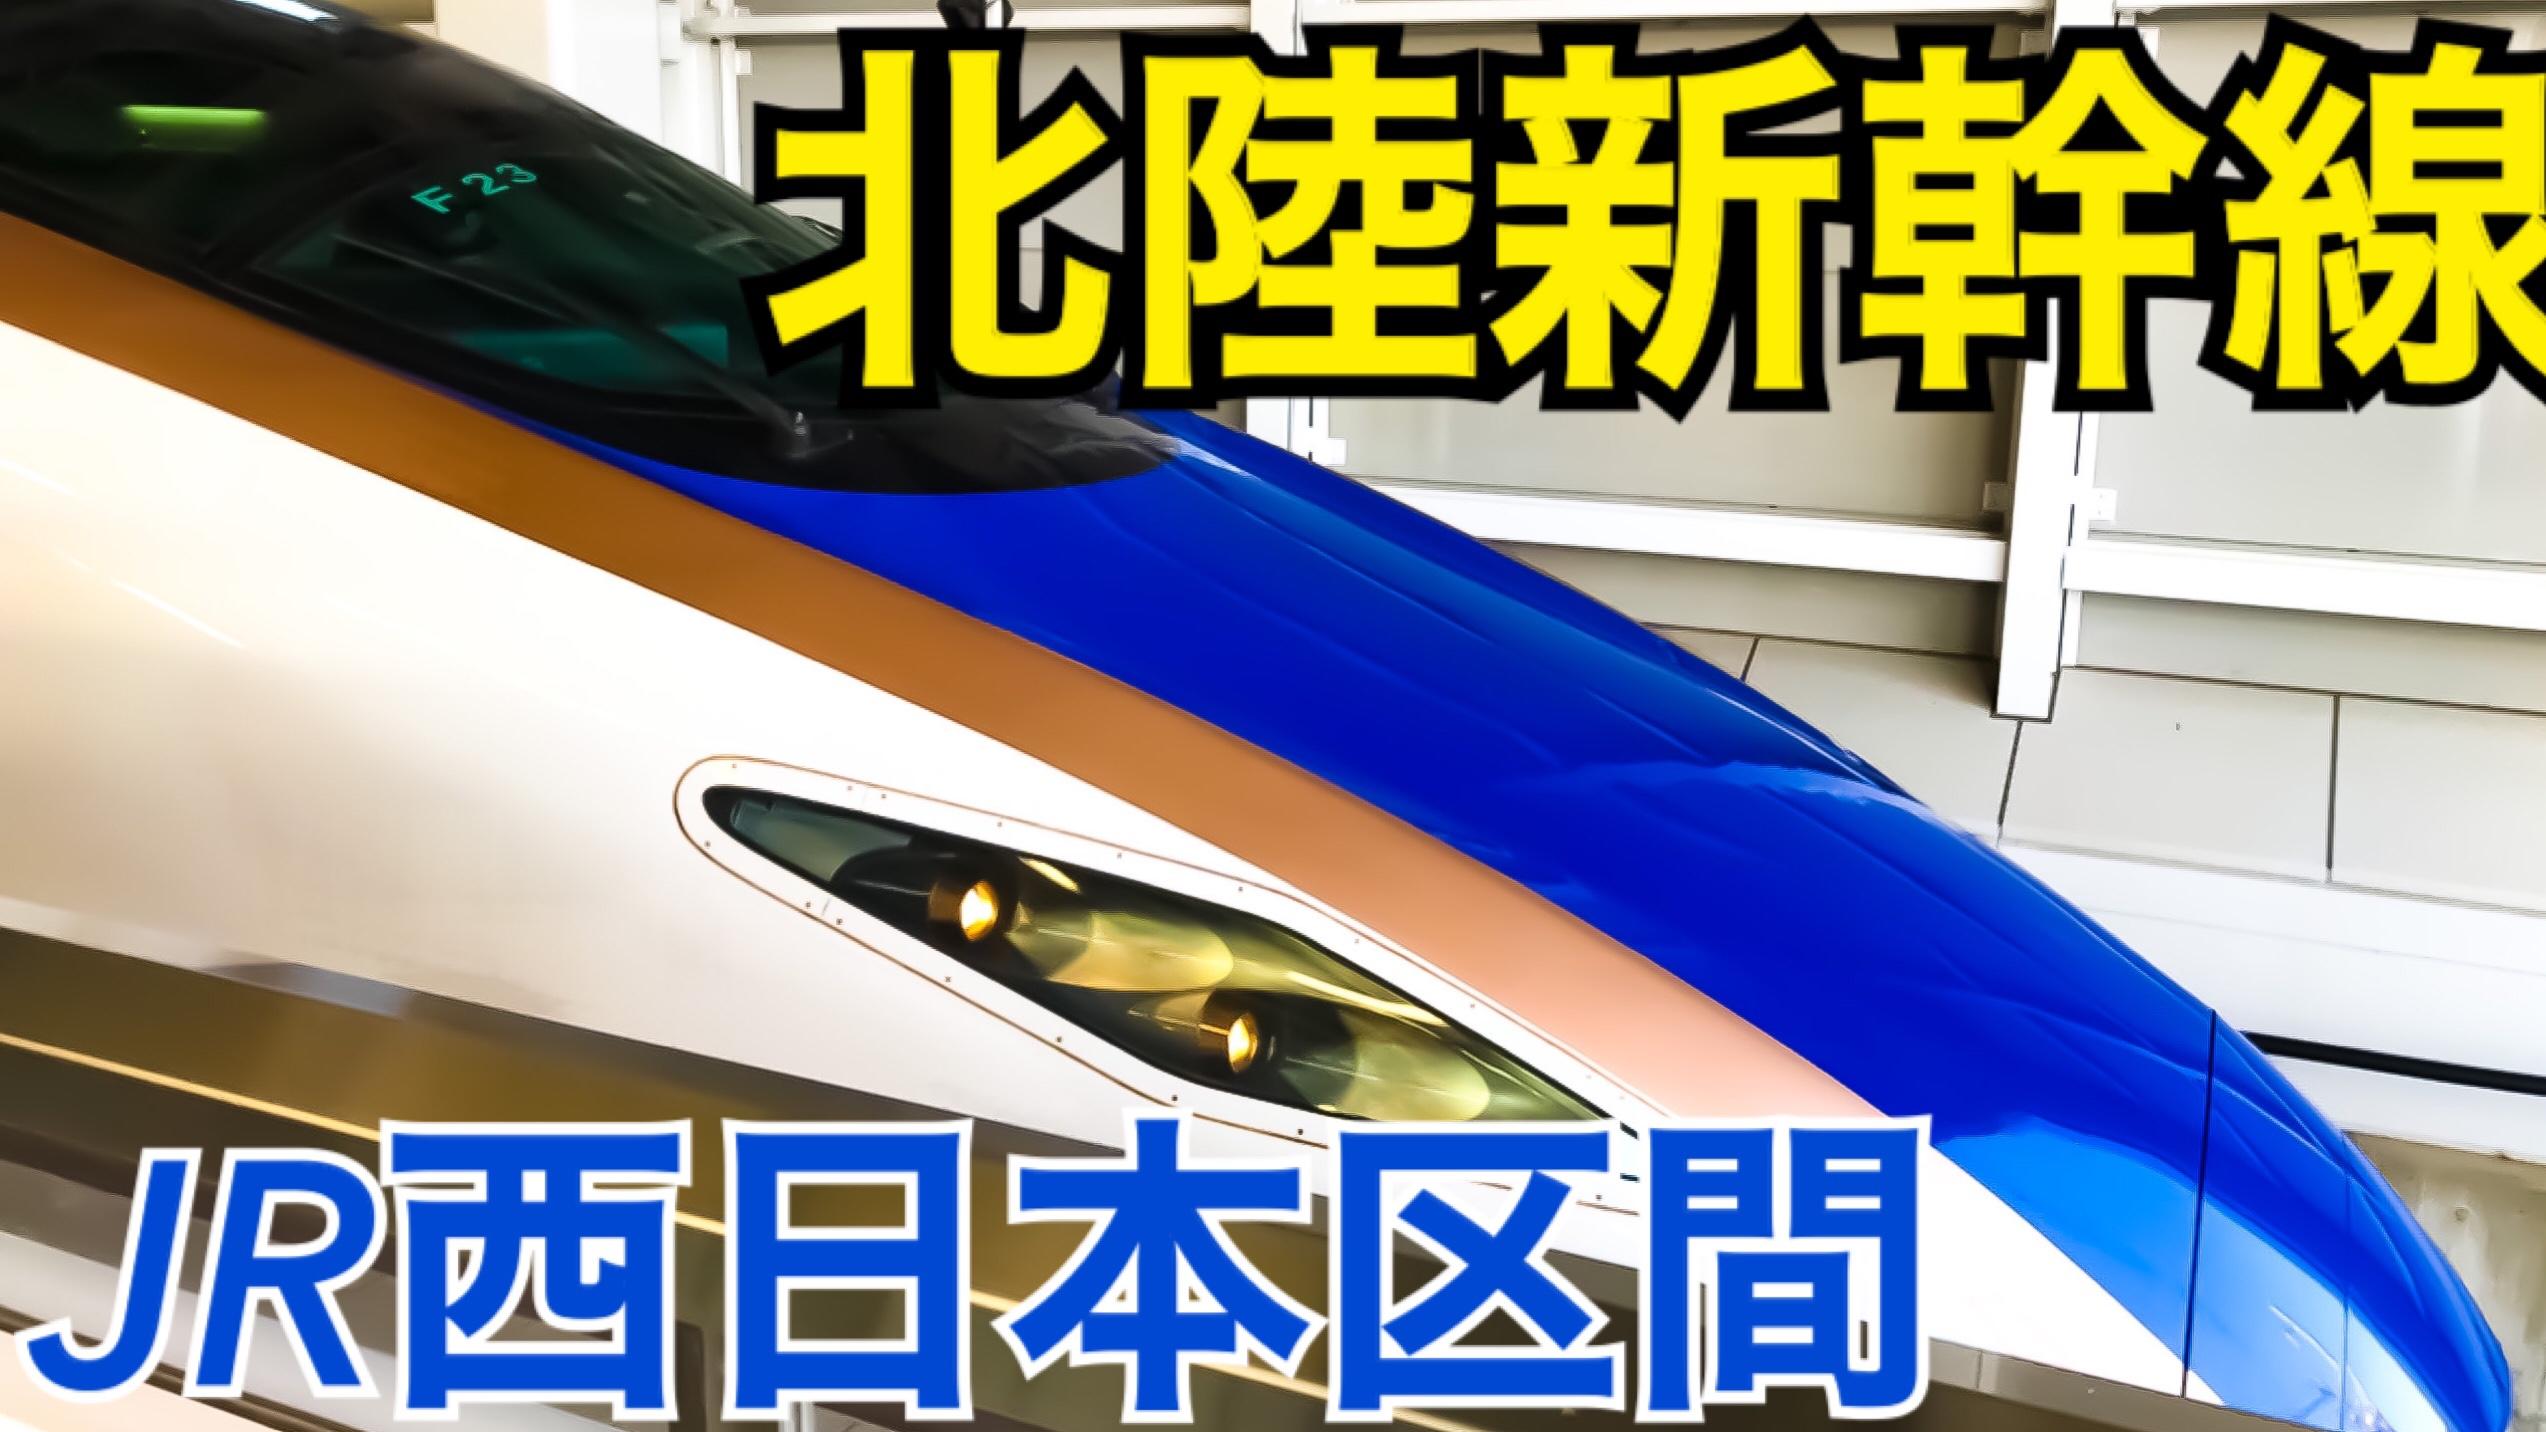 防音壁が少ない!JR西日本区間の北陸新幹線乗車記 信越線の青海川駅も登場!【北陸プチ旅行】